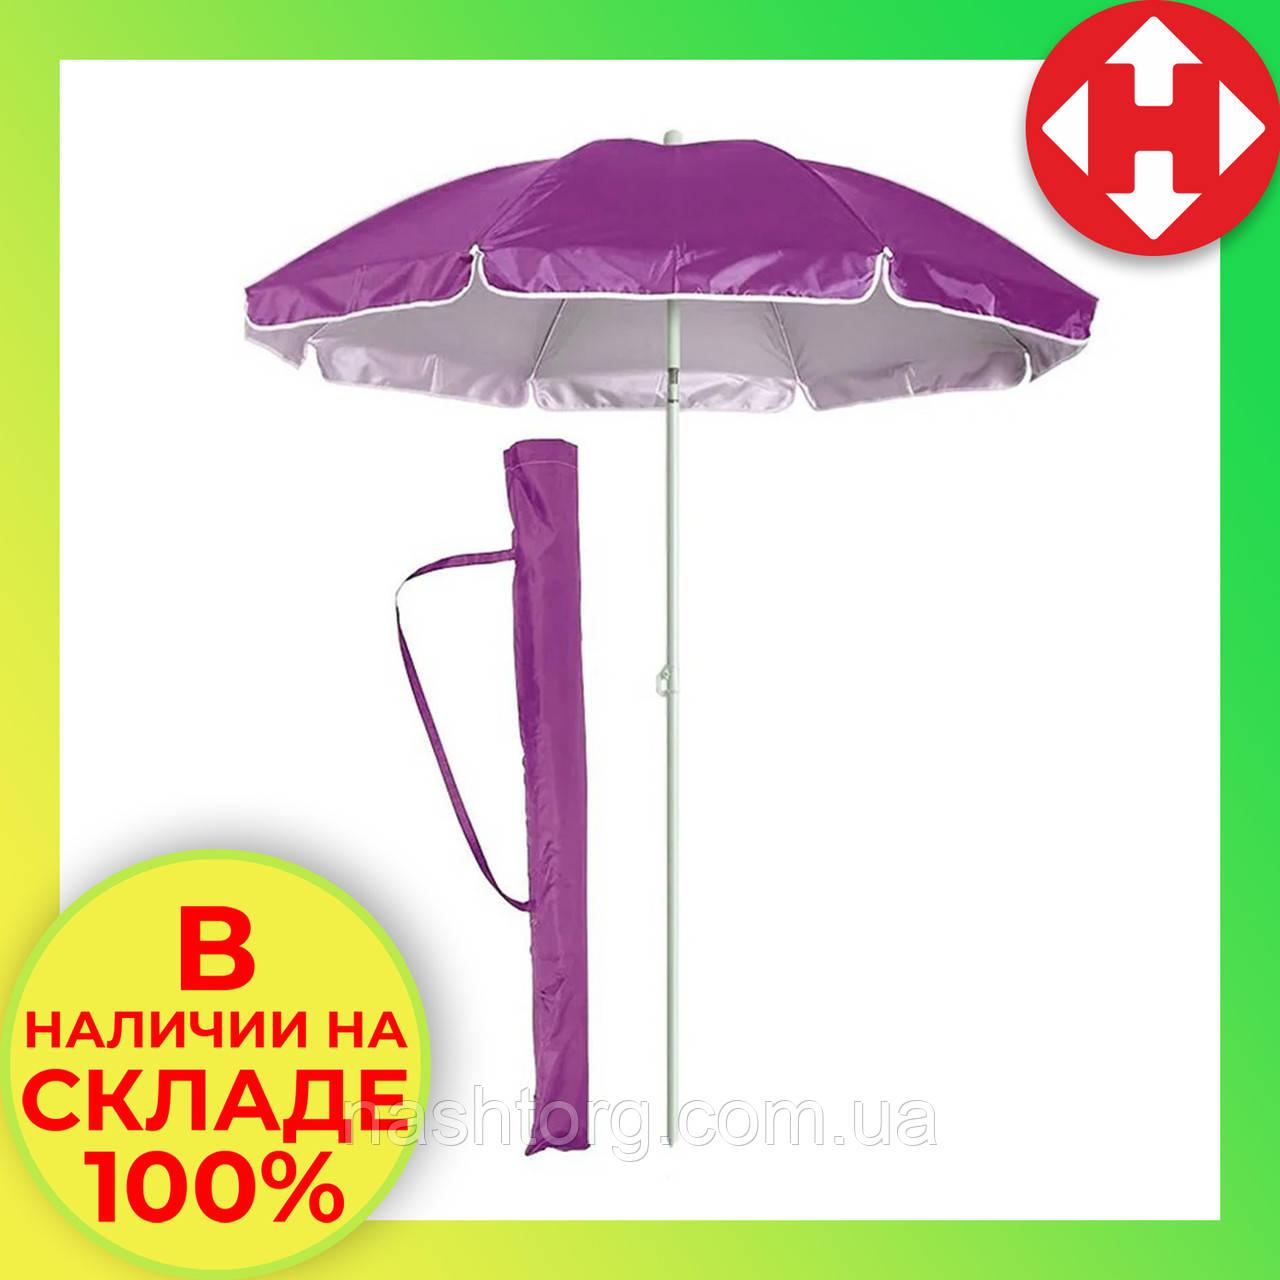 Пляжный зонт с наклоном, однотонный фиолетовый, большой зонтик от солнца 1.75 м